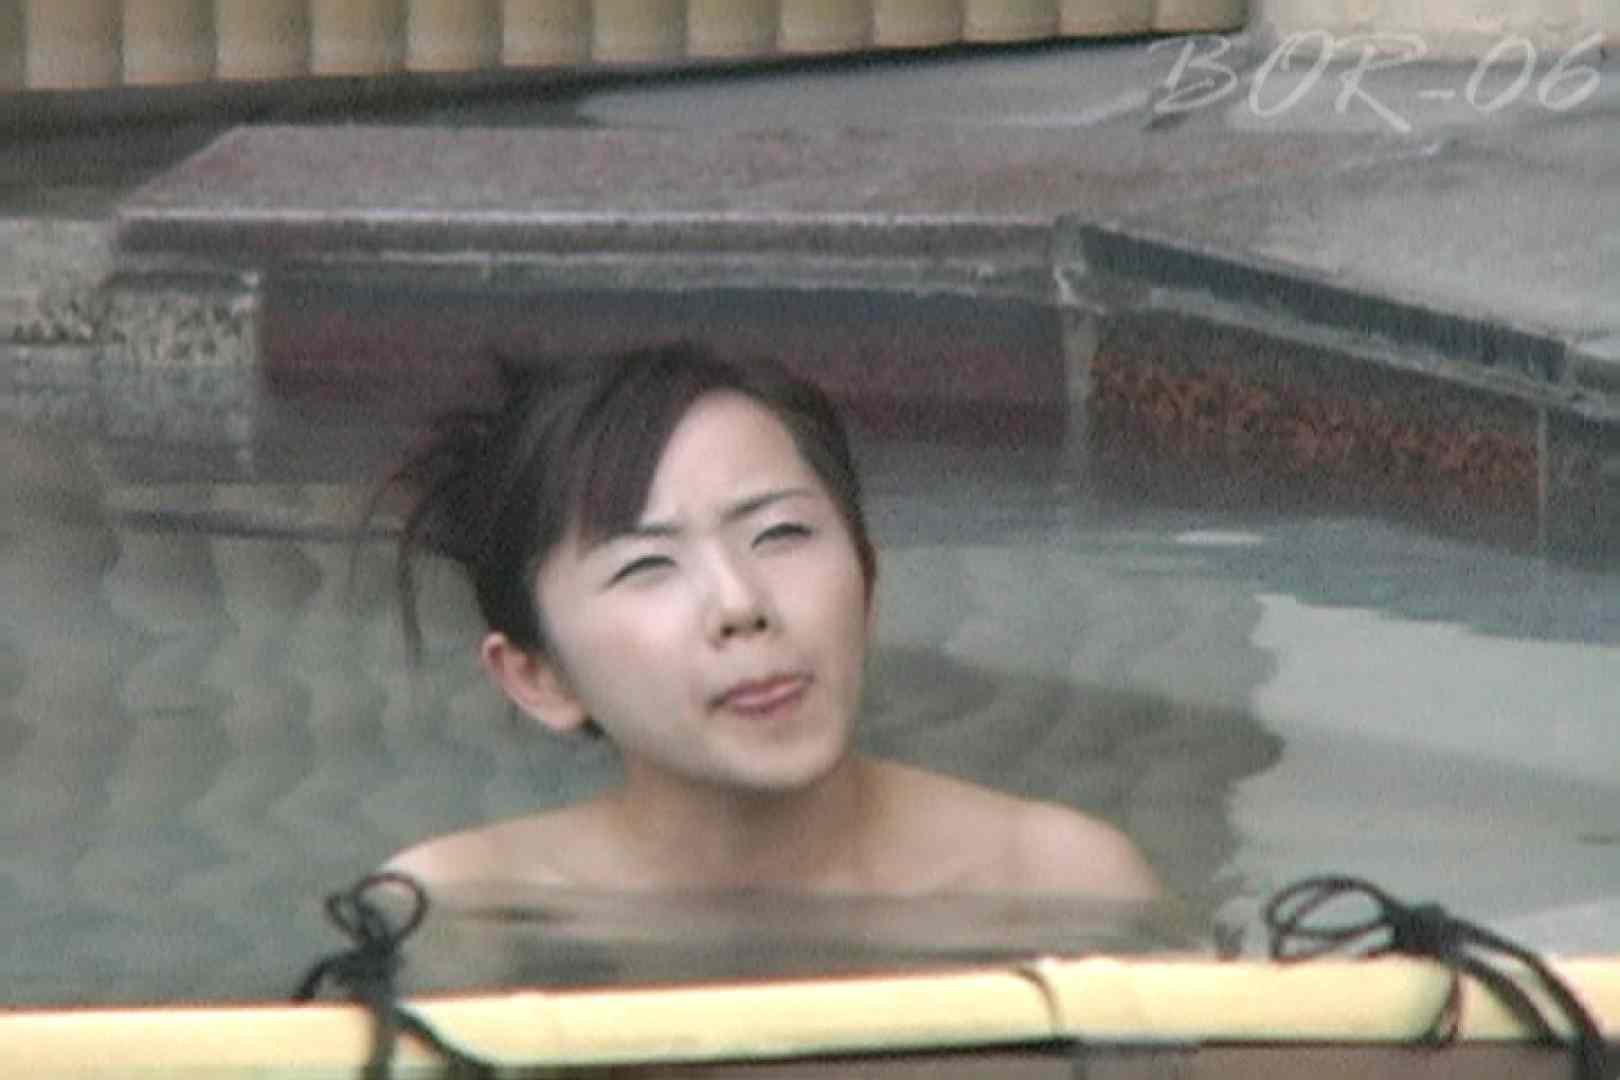 Aquaな露天風呂Vol.521 露天 | 盗撮  96pic 51